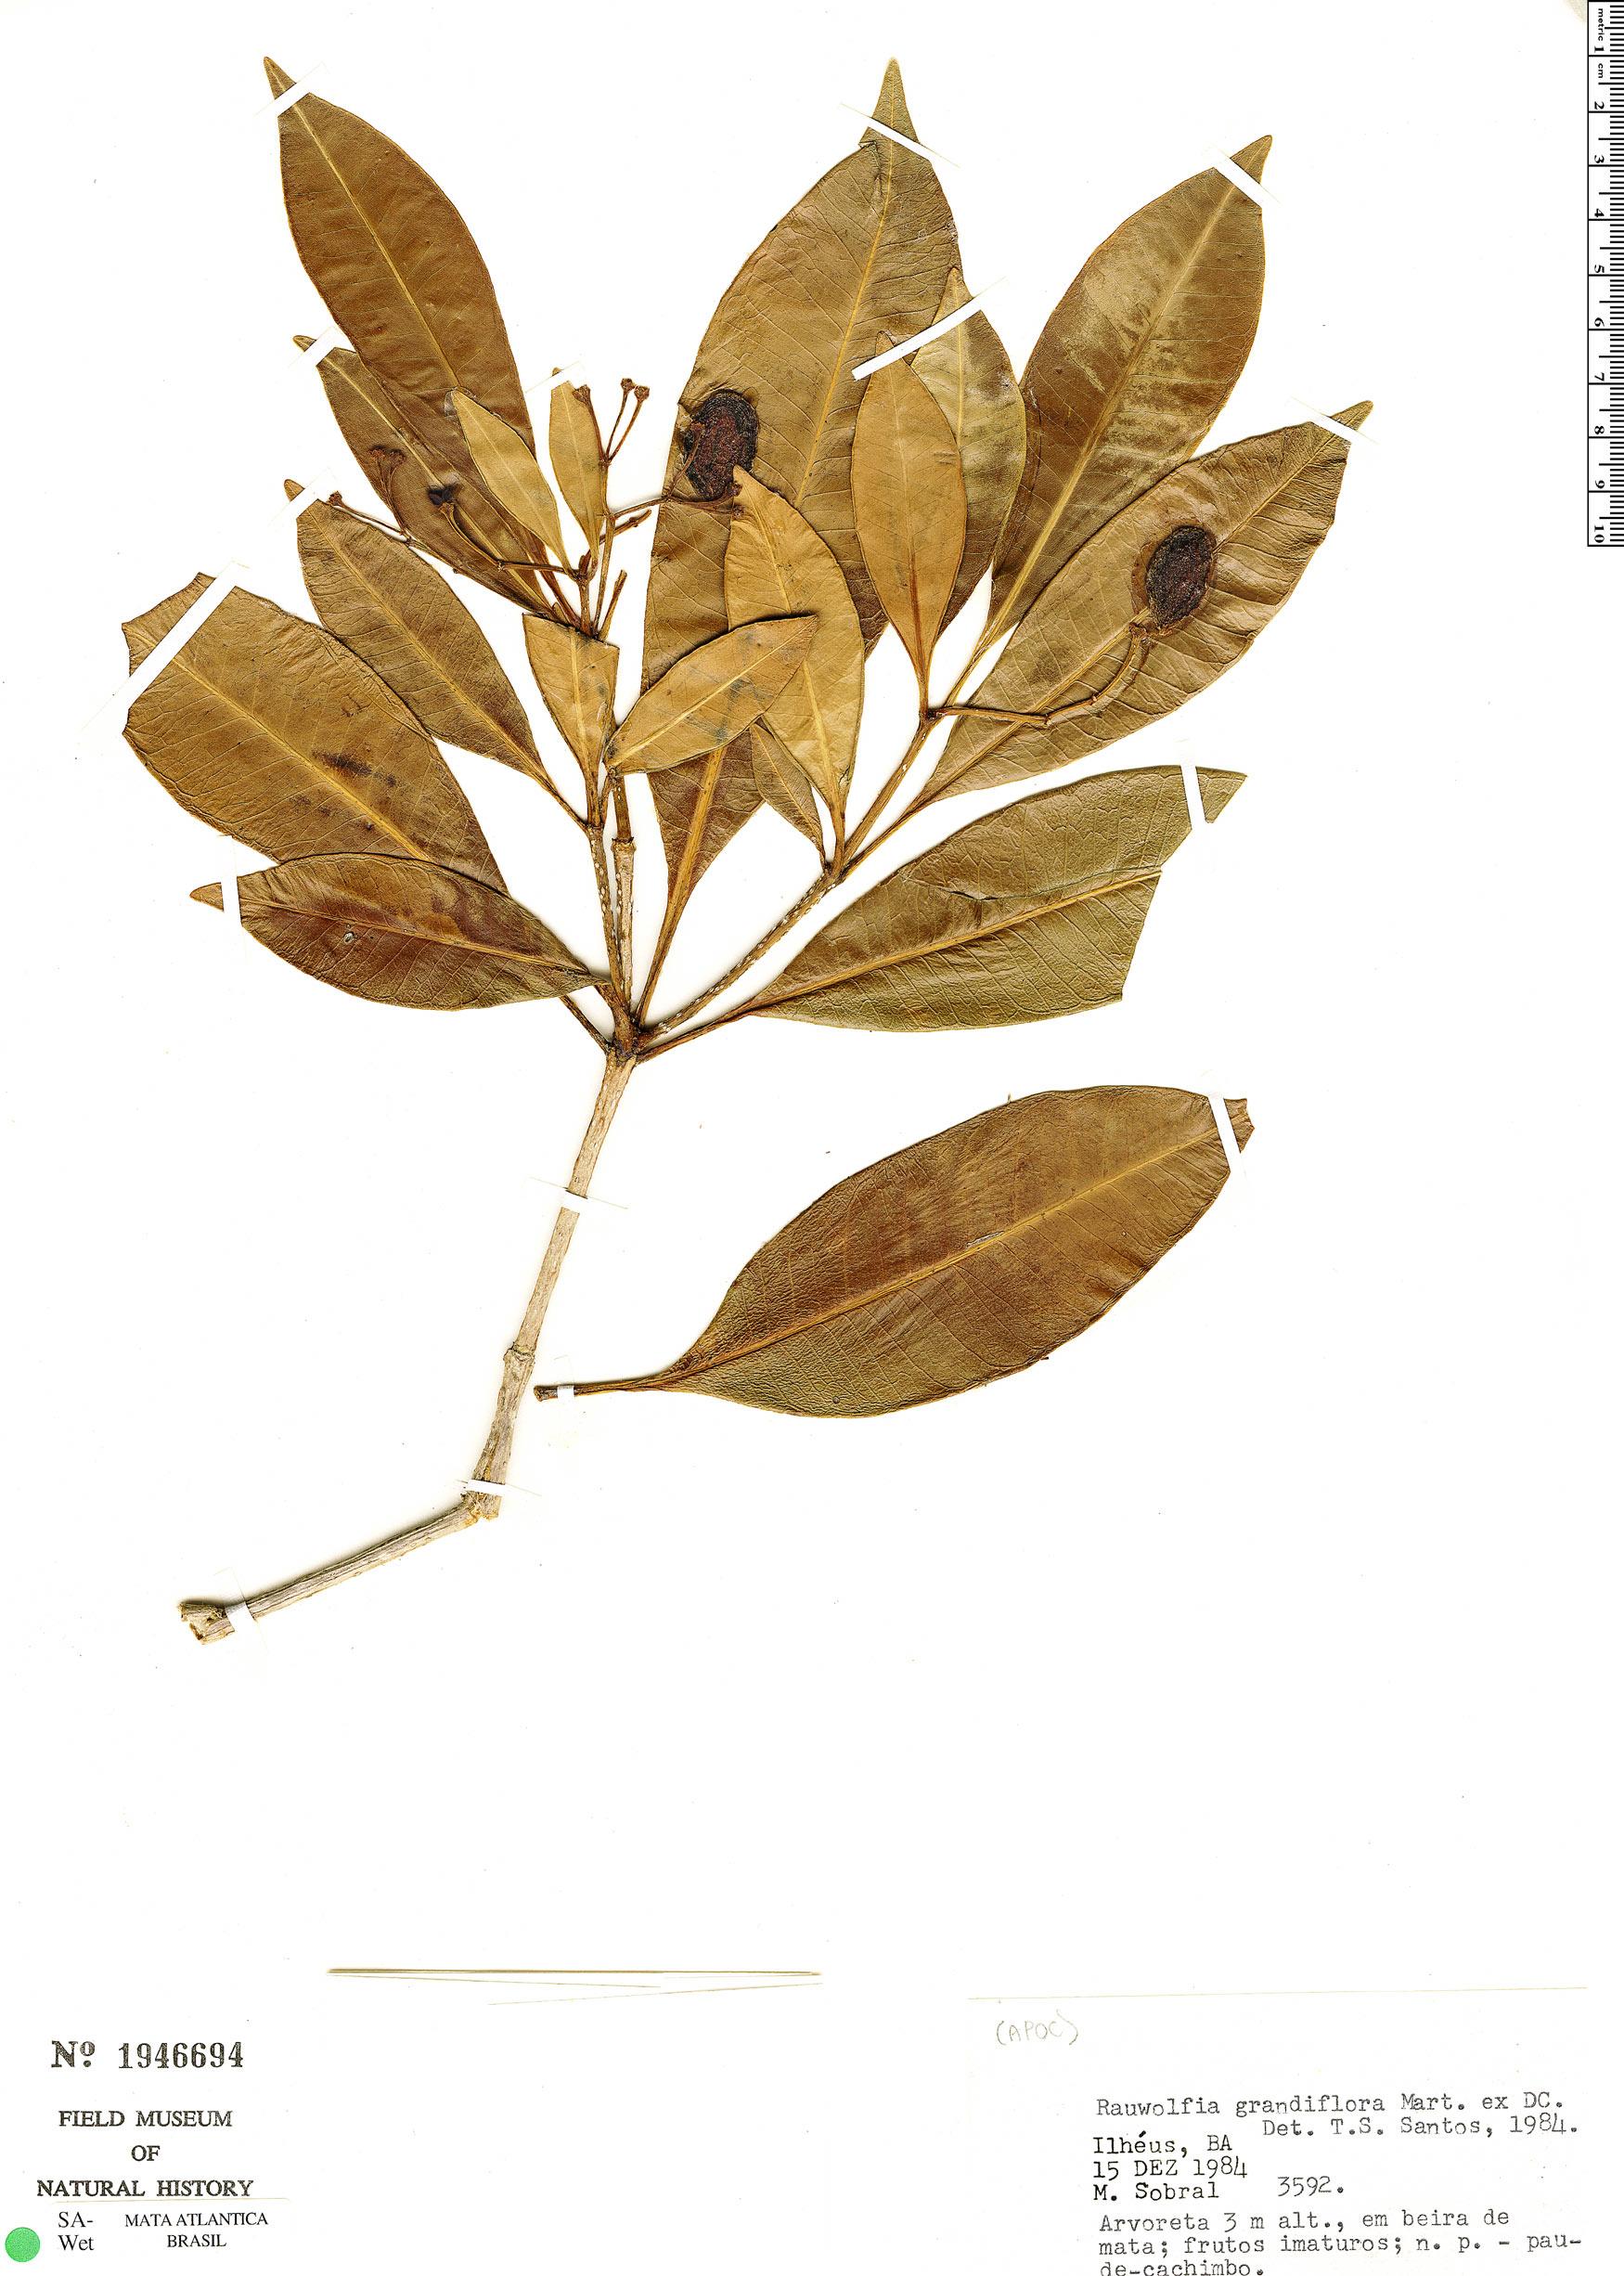 Specimen: Rauvolfia grandiflora